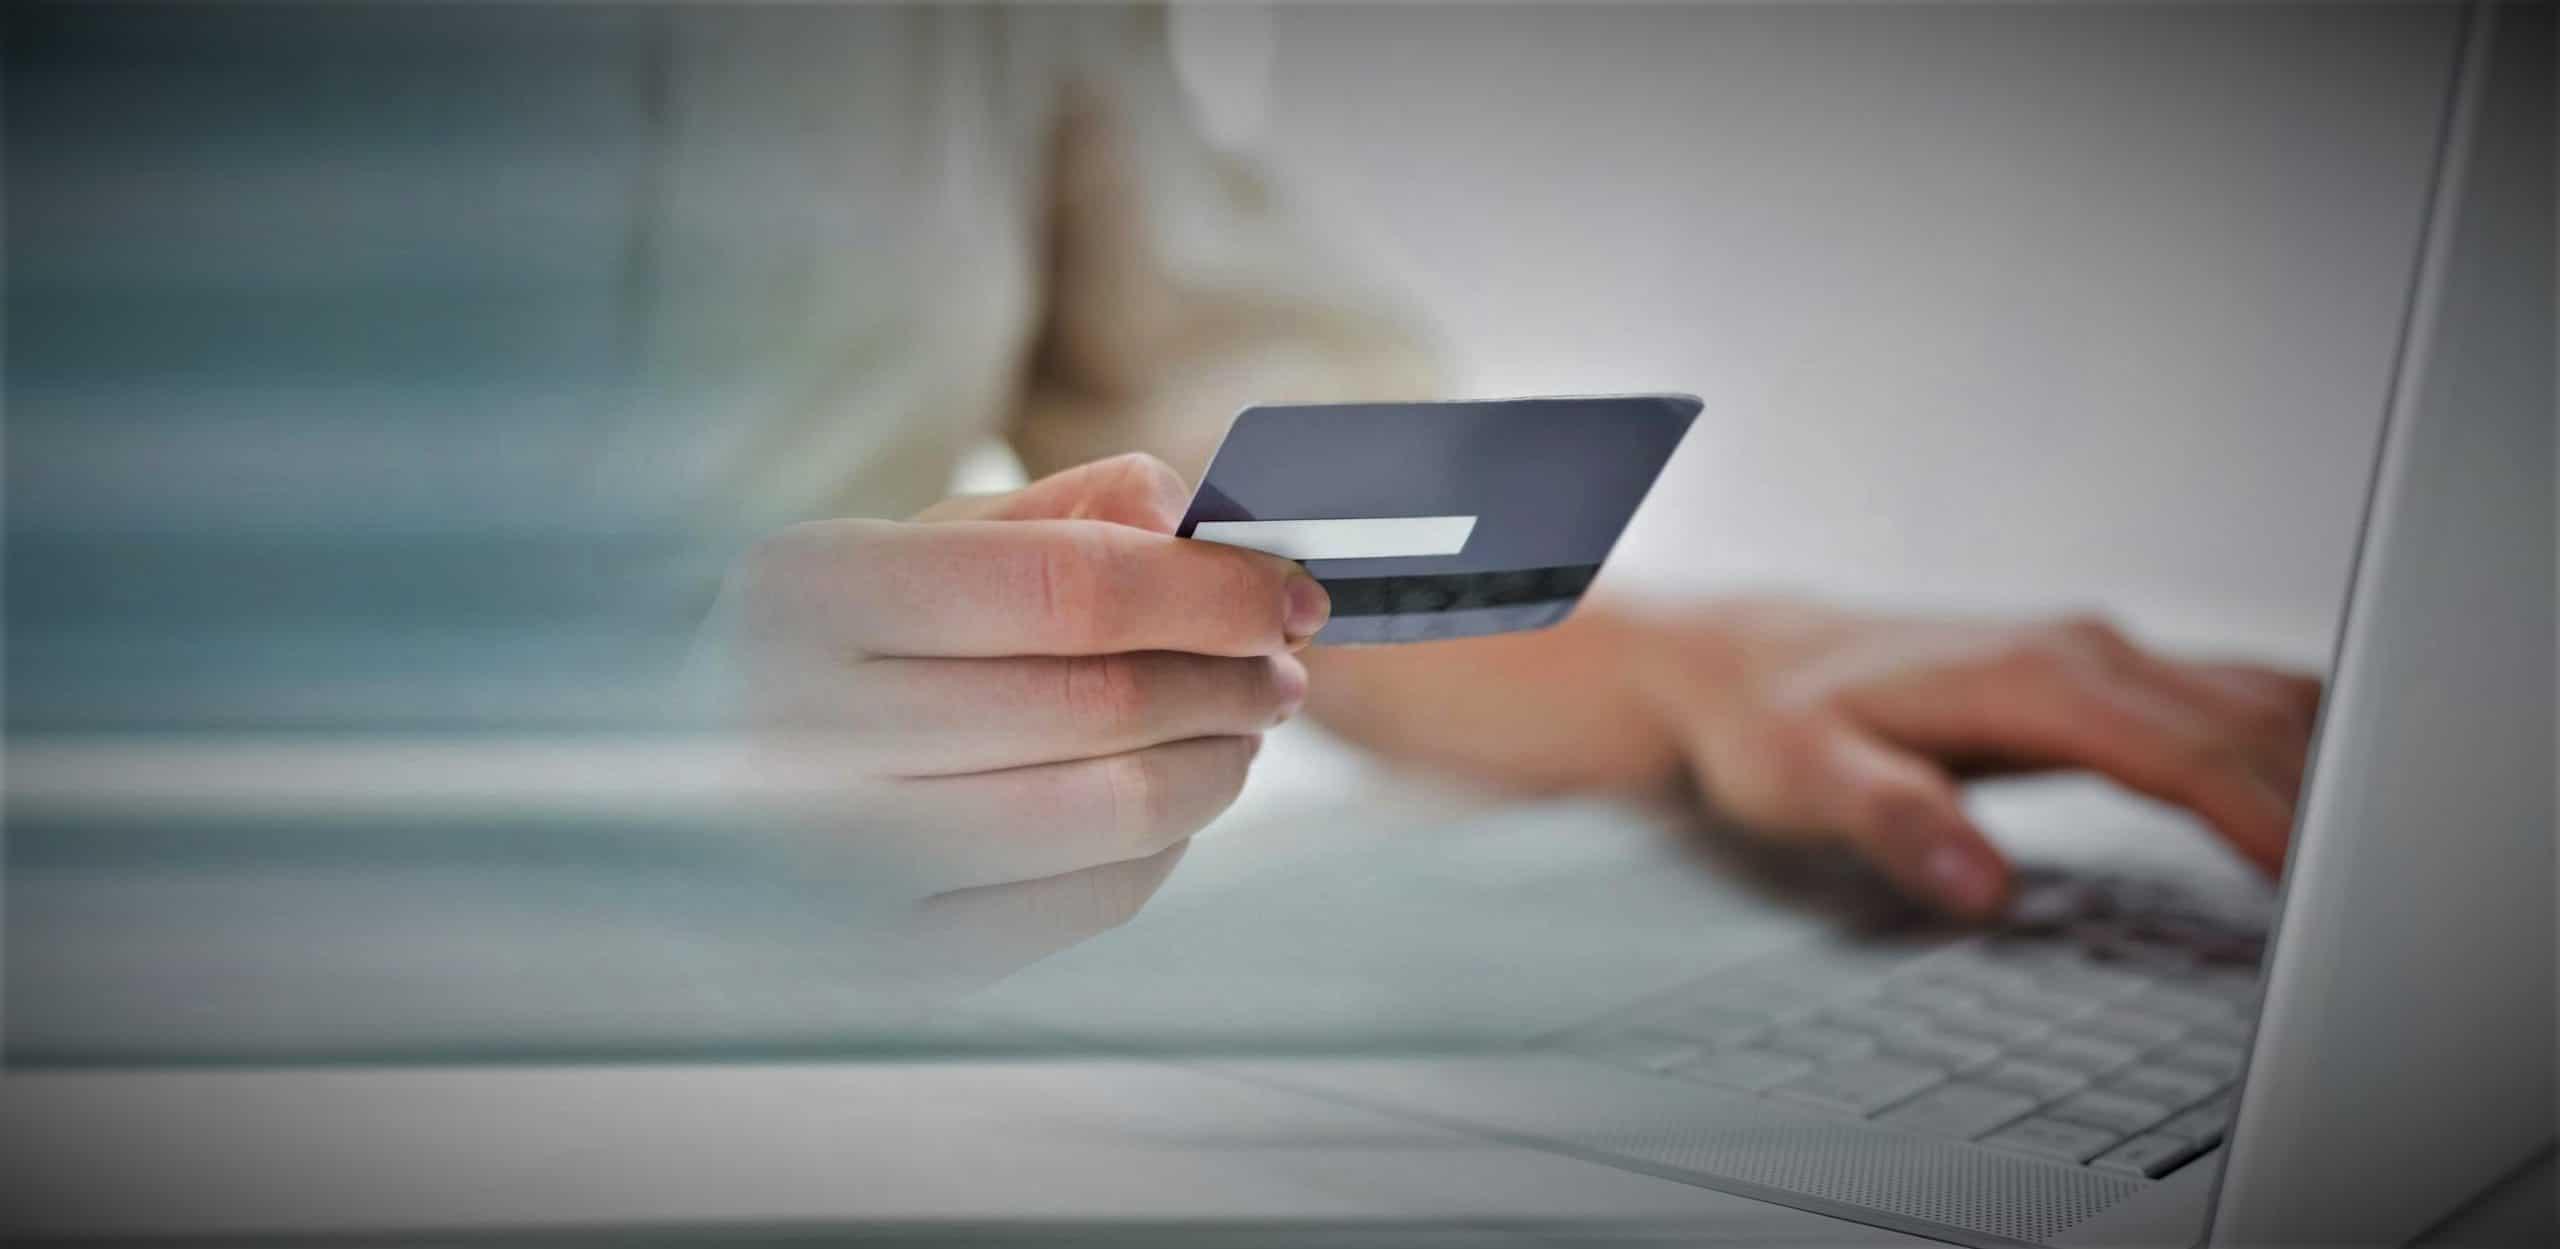 ecommerce-agentur schweiz, online-shop agentur schweiz, online-marketing agentur schweiz, digitale agentur schweiz, e-commerce agentur schweiz